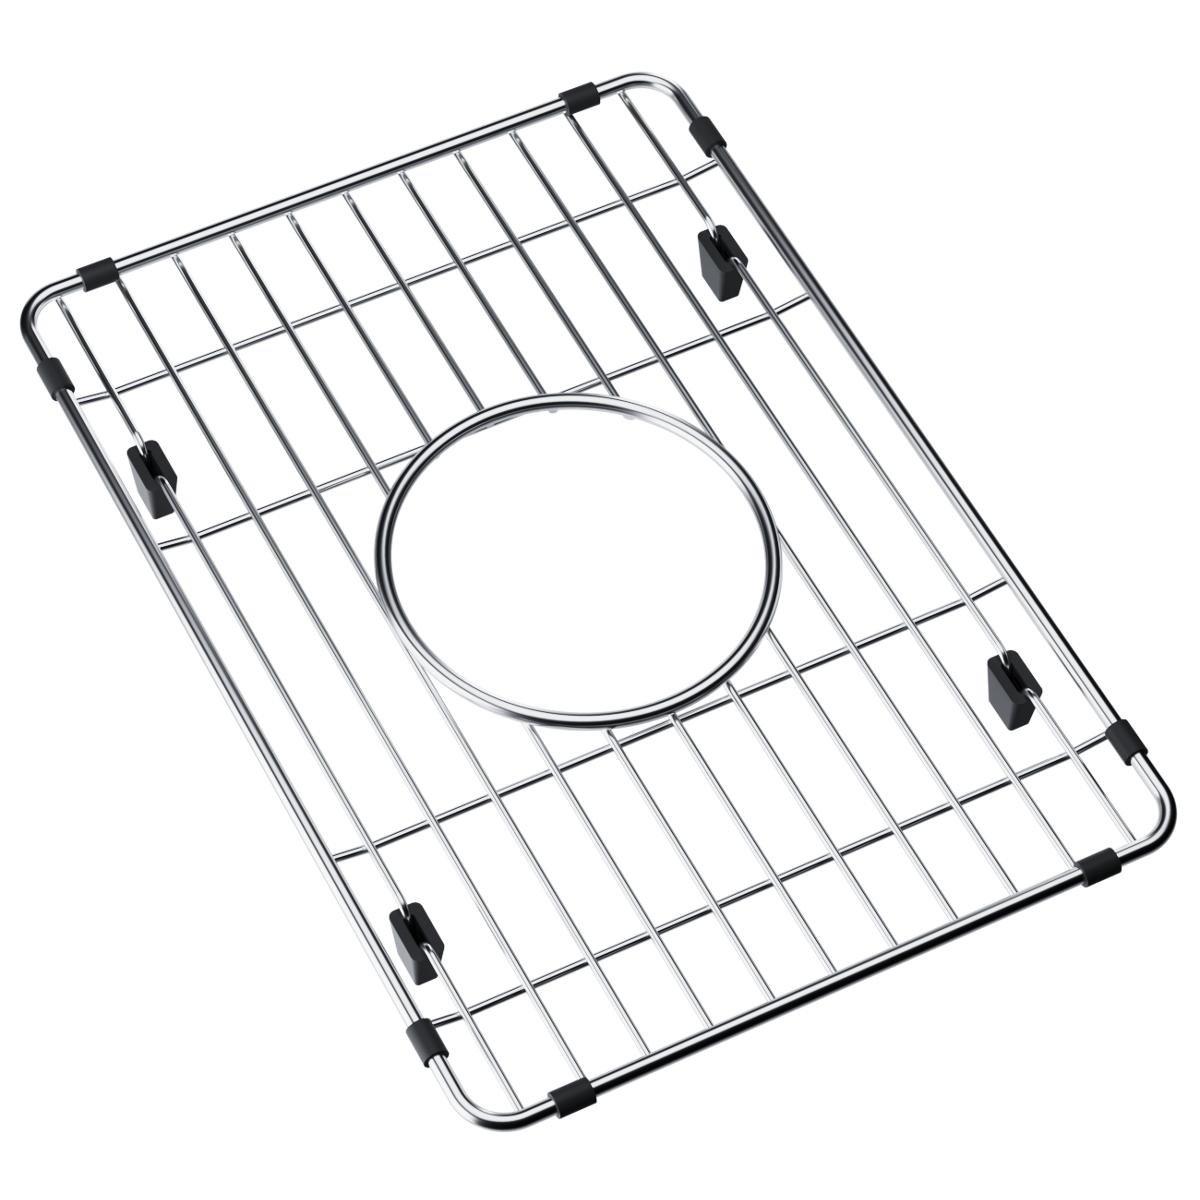 Elkay LKBG1115SS Stainless Steel Bottom Grid by Elkay